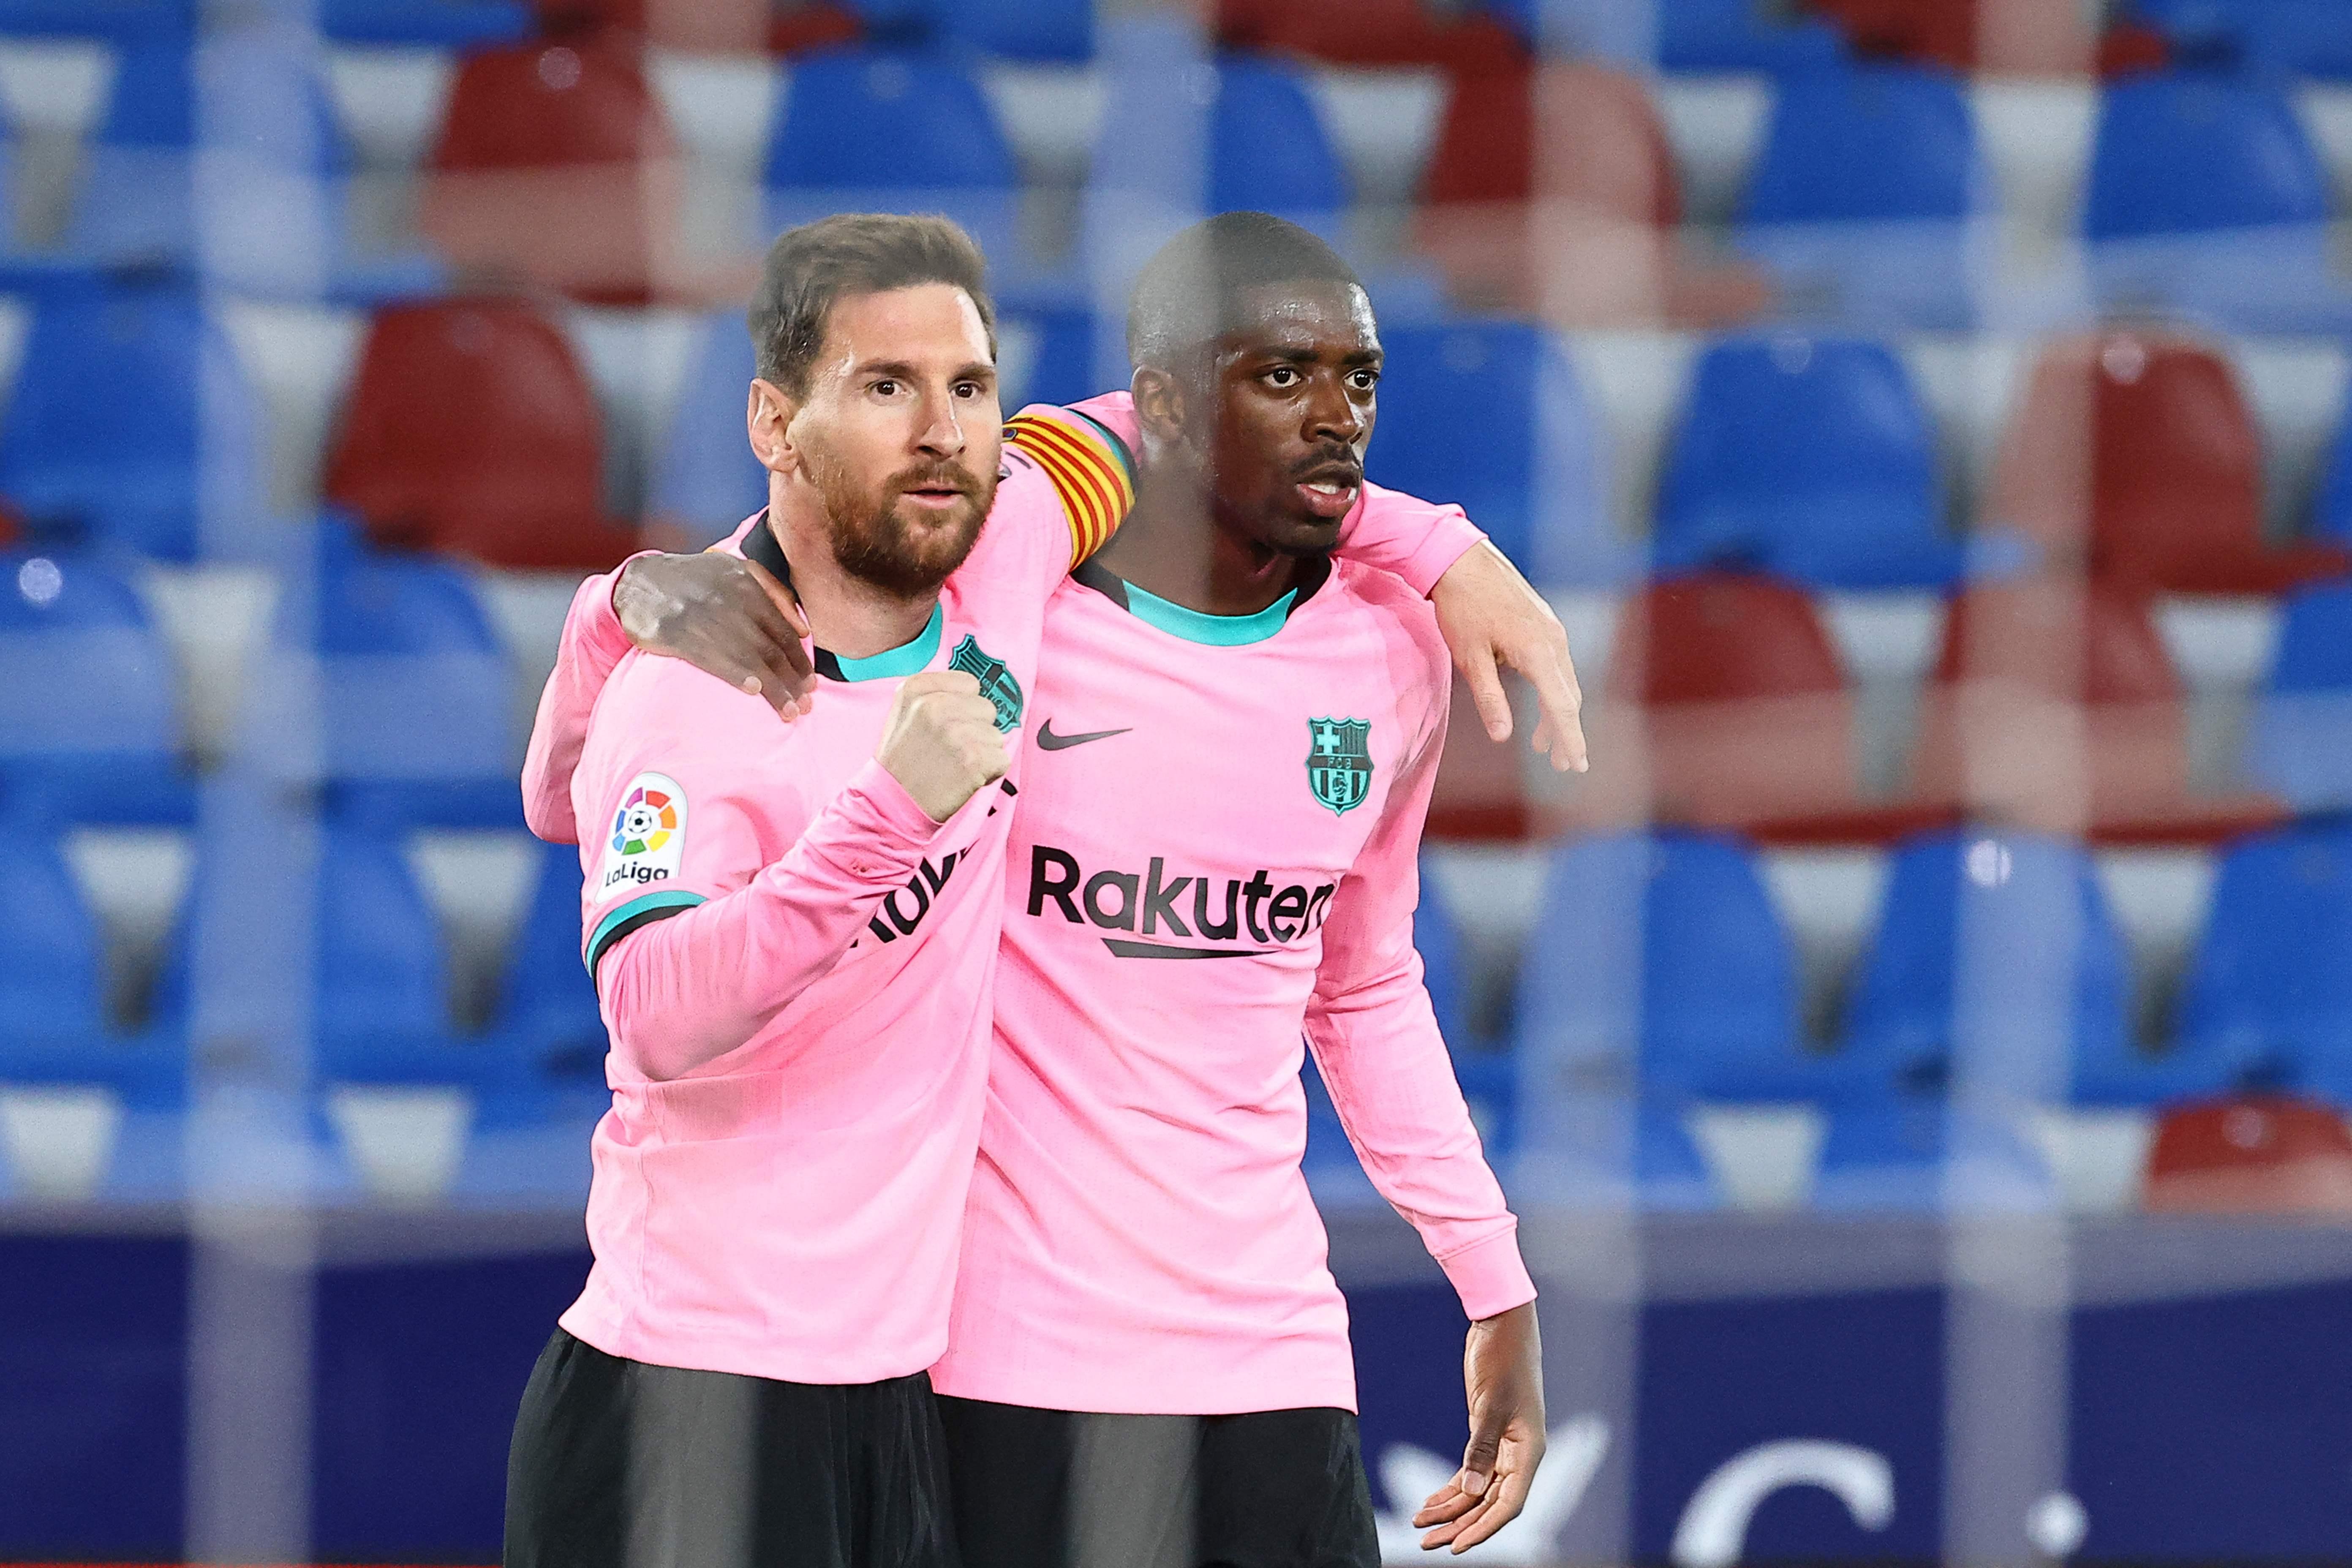 Barcelona igualó 3-3 frente al Levante y complicó sus chances de ganar LaLiga Santander